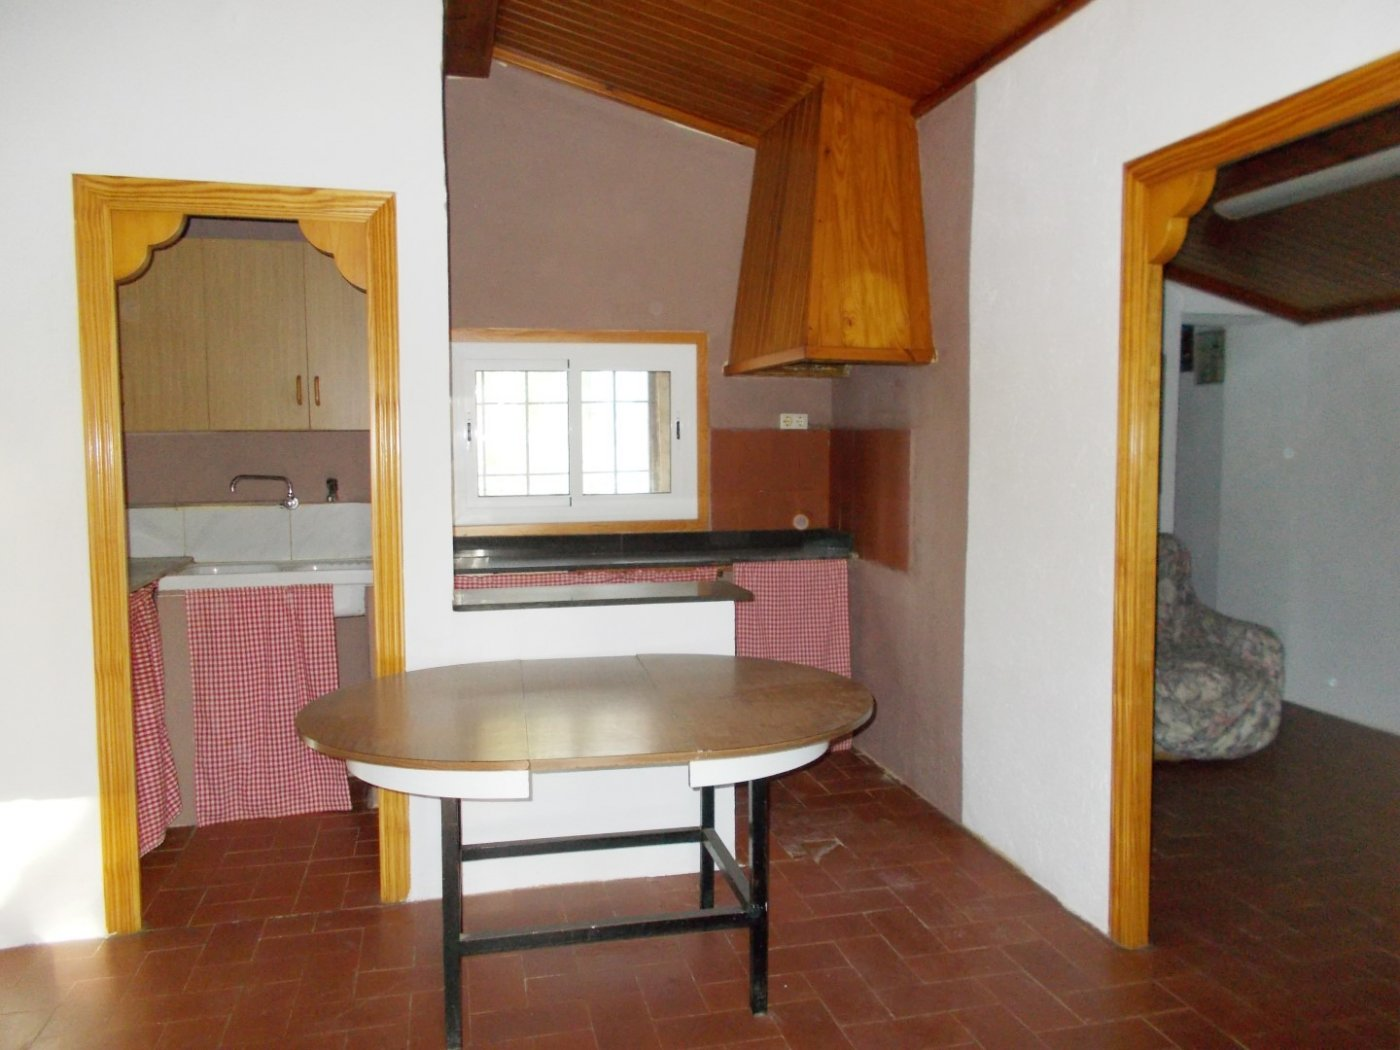 Finca Rústica · Santa Oliva · Les Pedreres 185.000€€